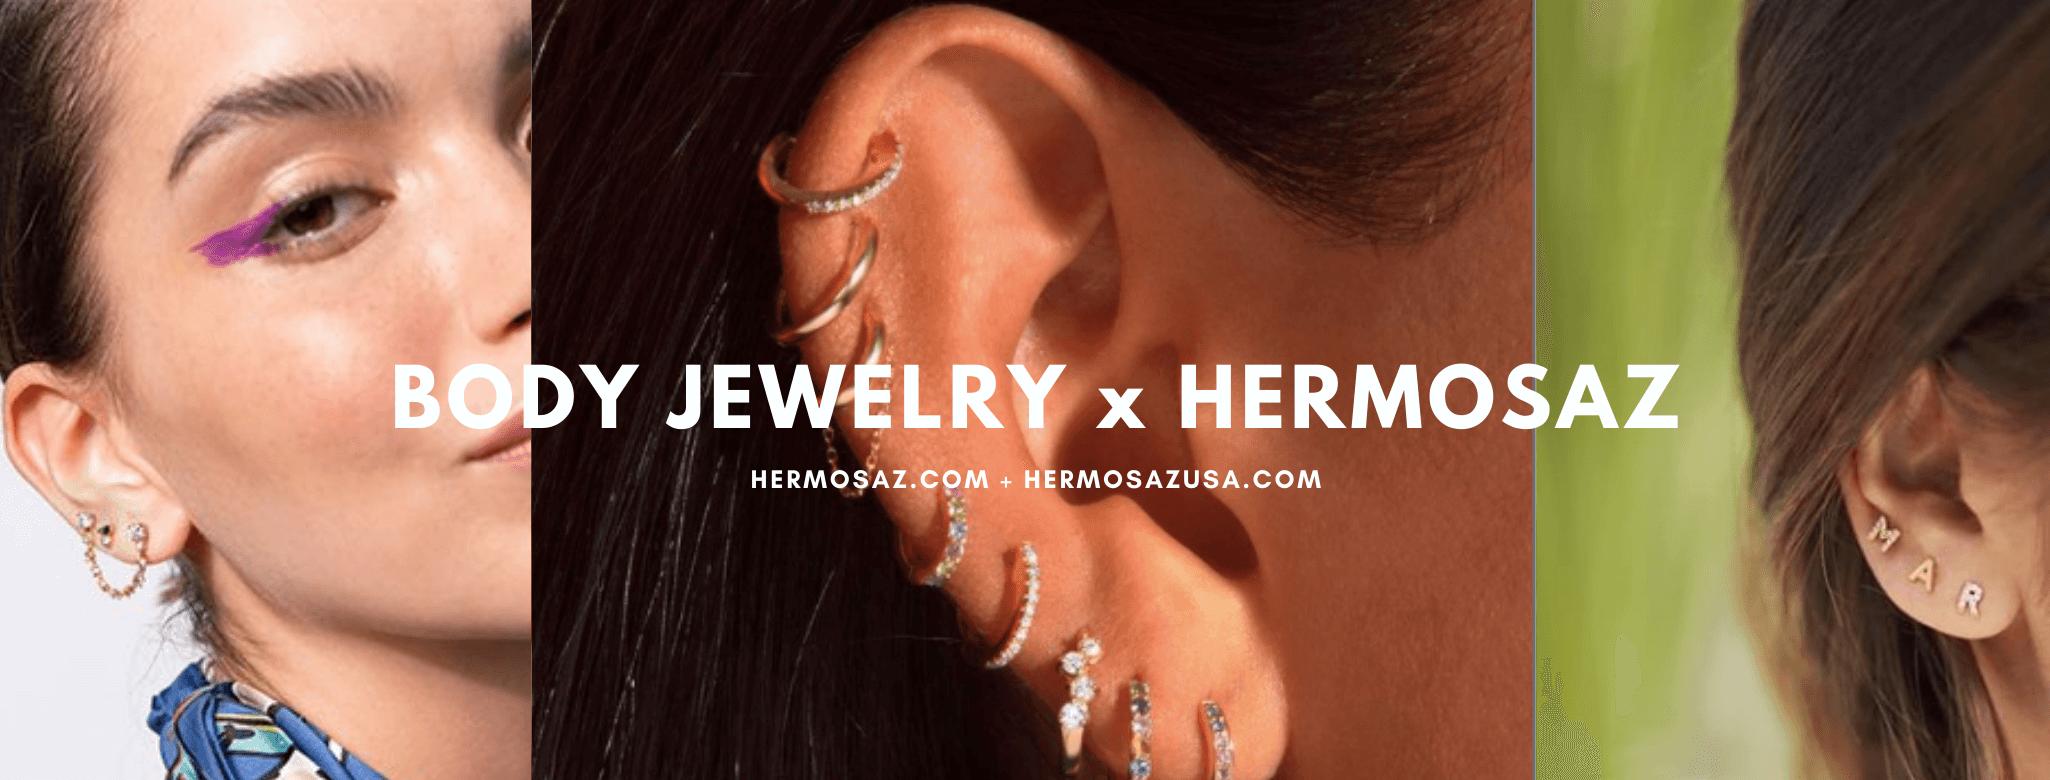 Body Jewelry x Hermosaz